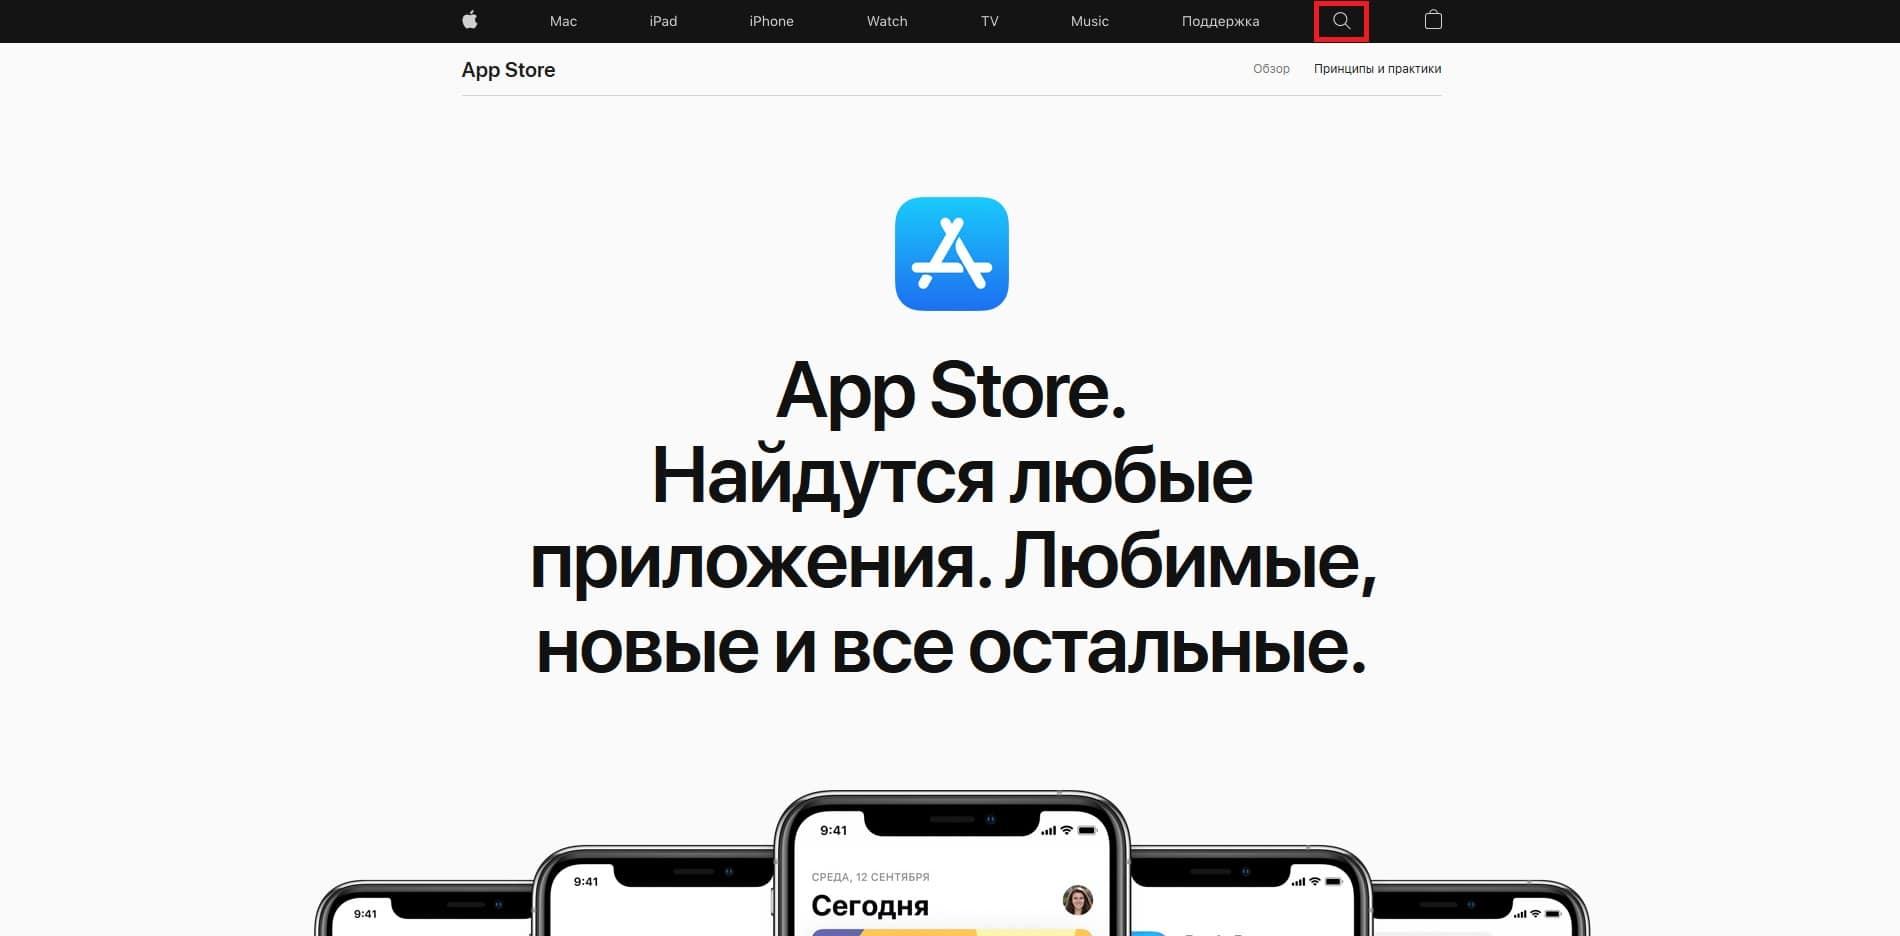 Панель поиска приложений в App Store